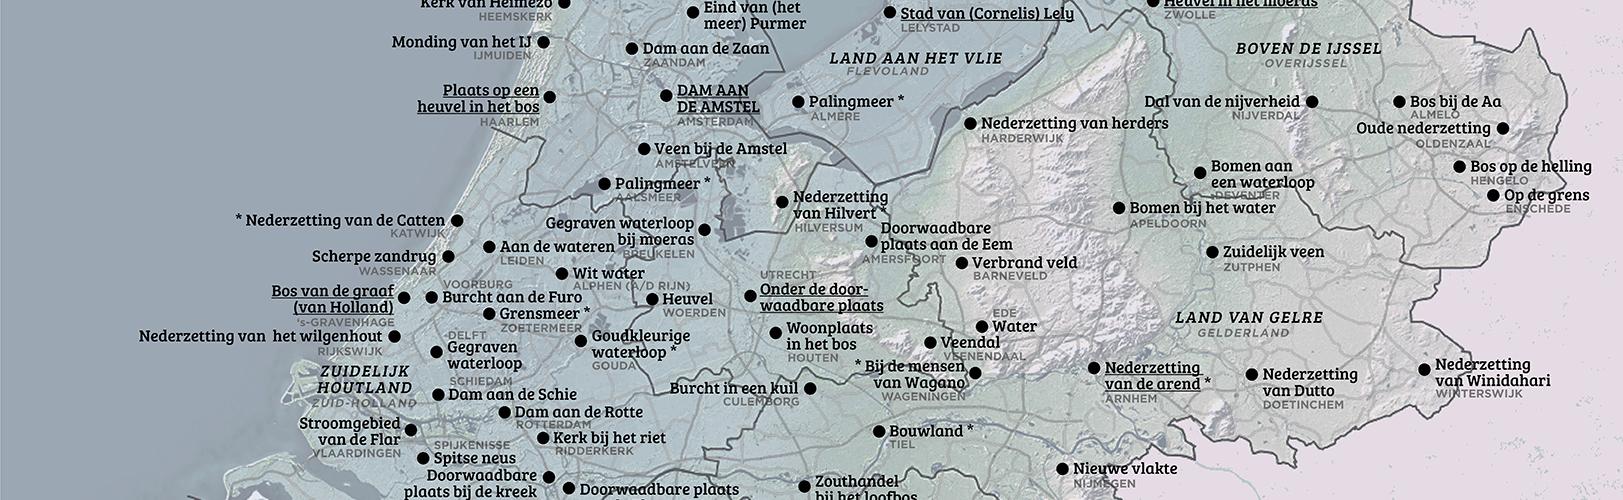 De etymologische kaart van Nederland